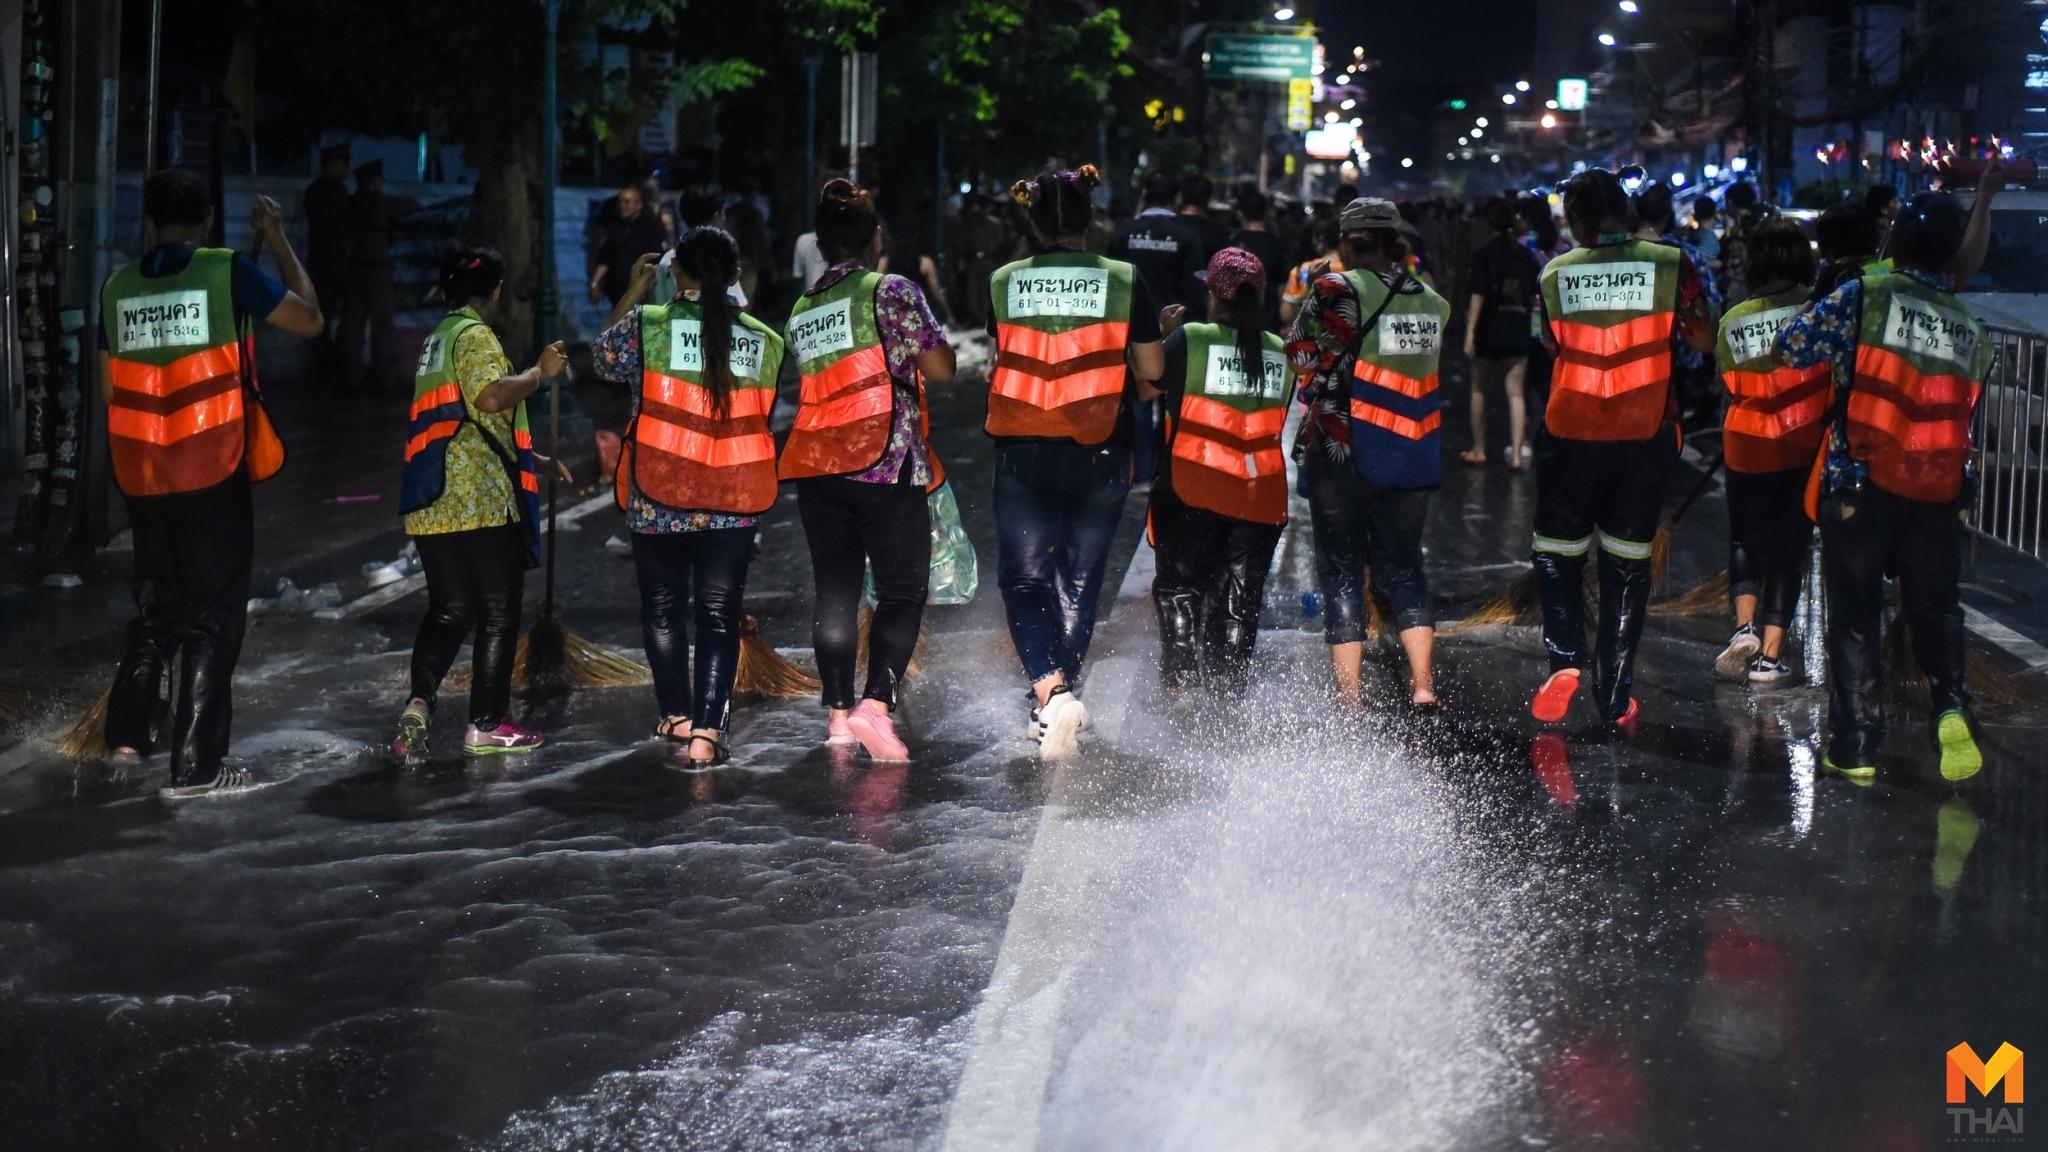 ถนนข้าวสาร ทำความสะอาดถนน สงกรานต์